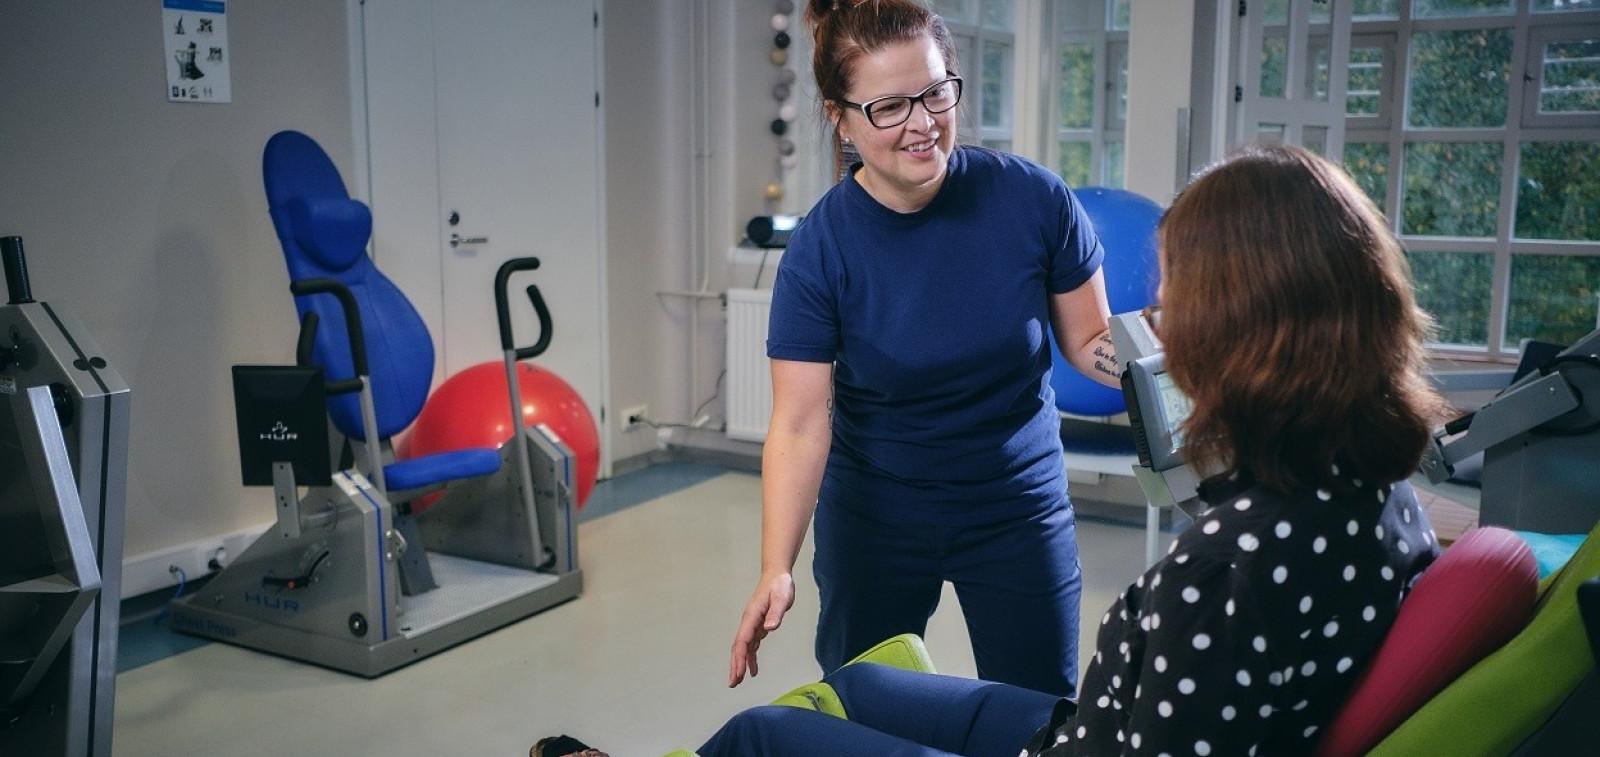 Fysioterapeutti kuntouttaa asiakasta kuntosalilla